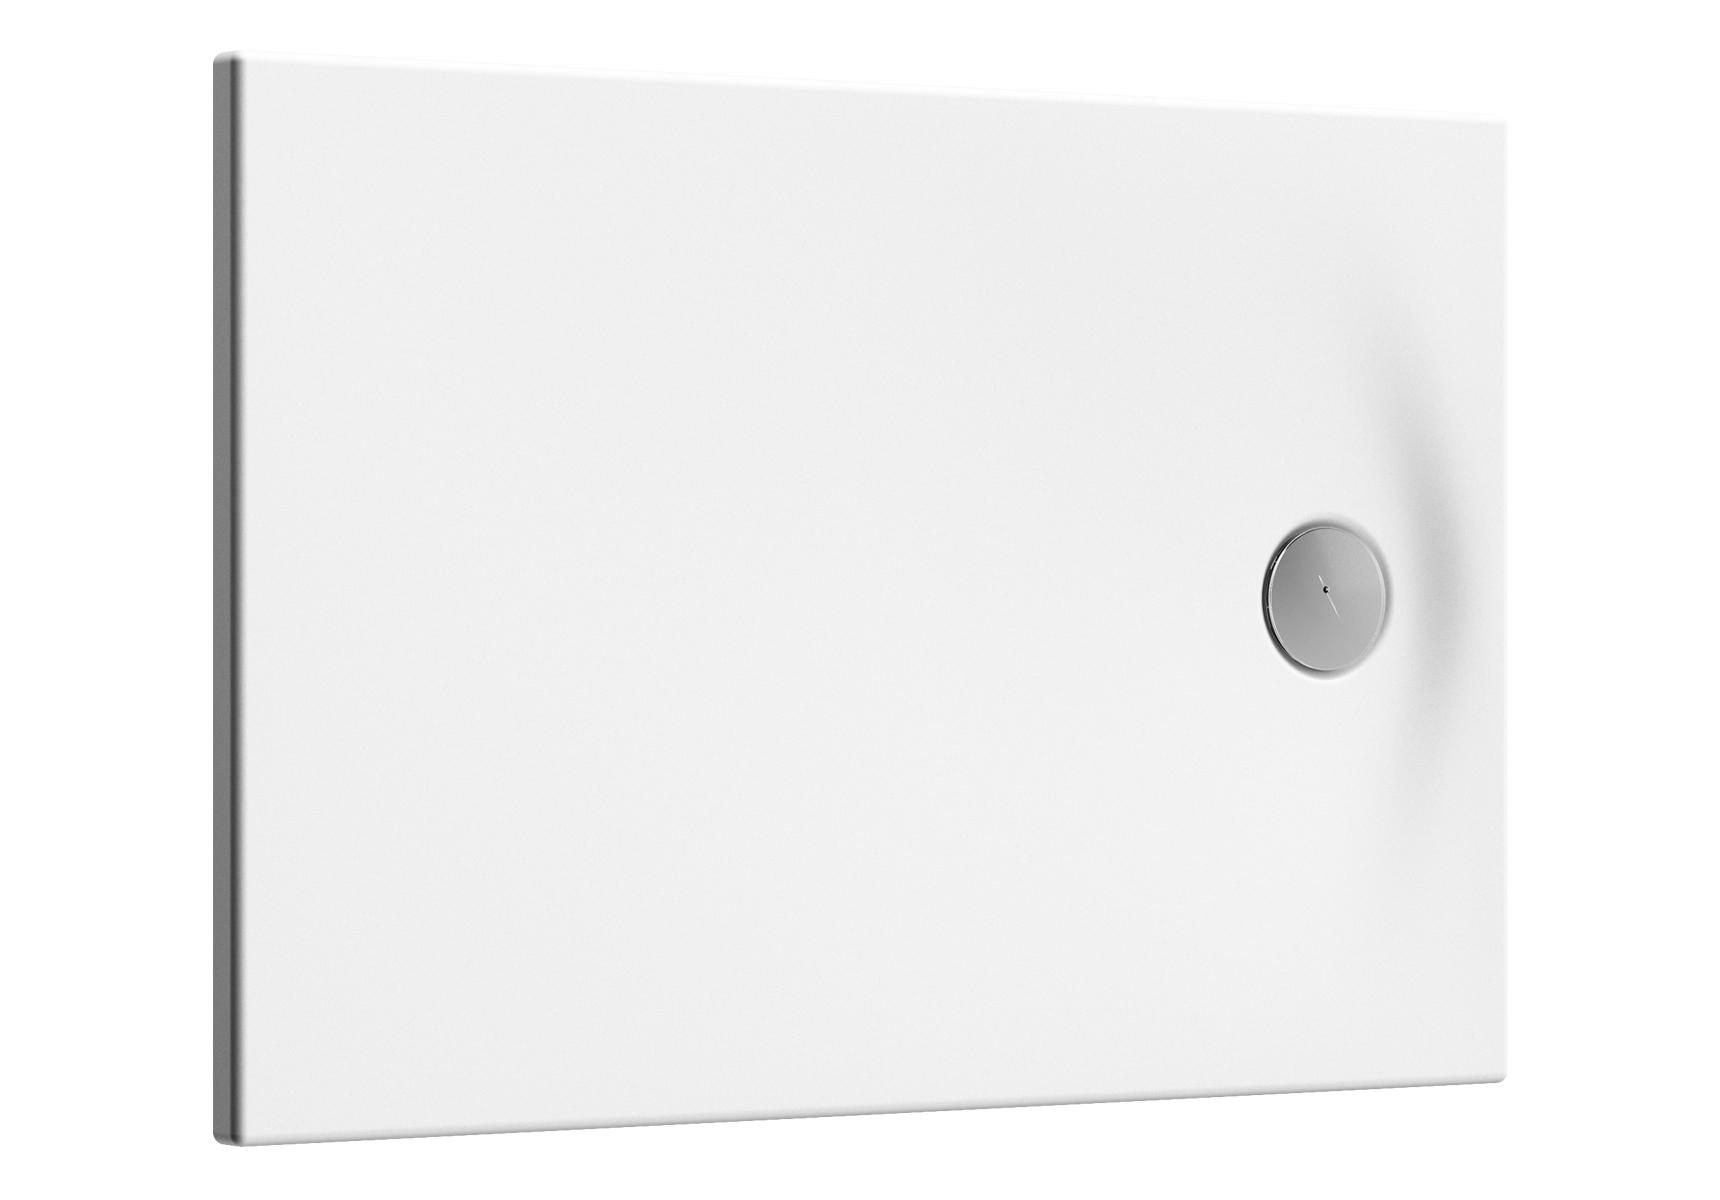 Smooth receveur ultra plat en acrylique, 3,2 mm, à encastrer ou à poser, rectangulaire, 130  x  70 cm